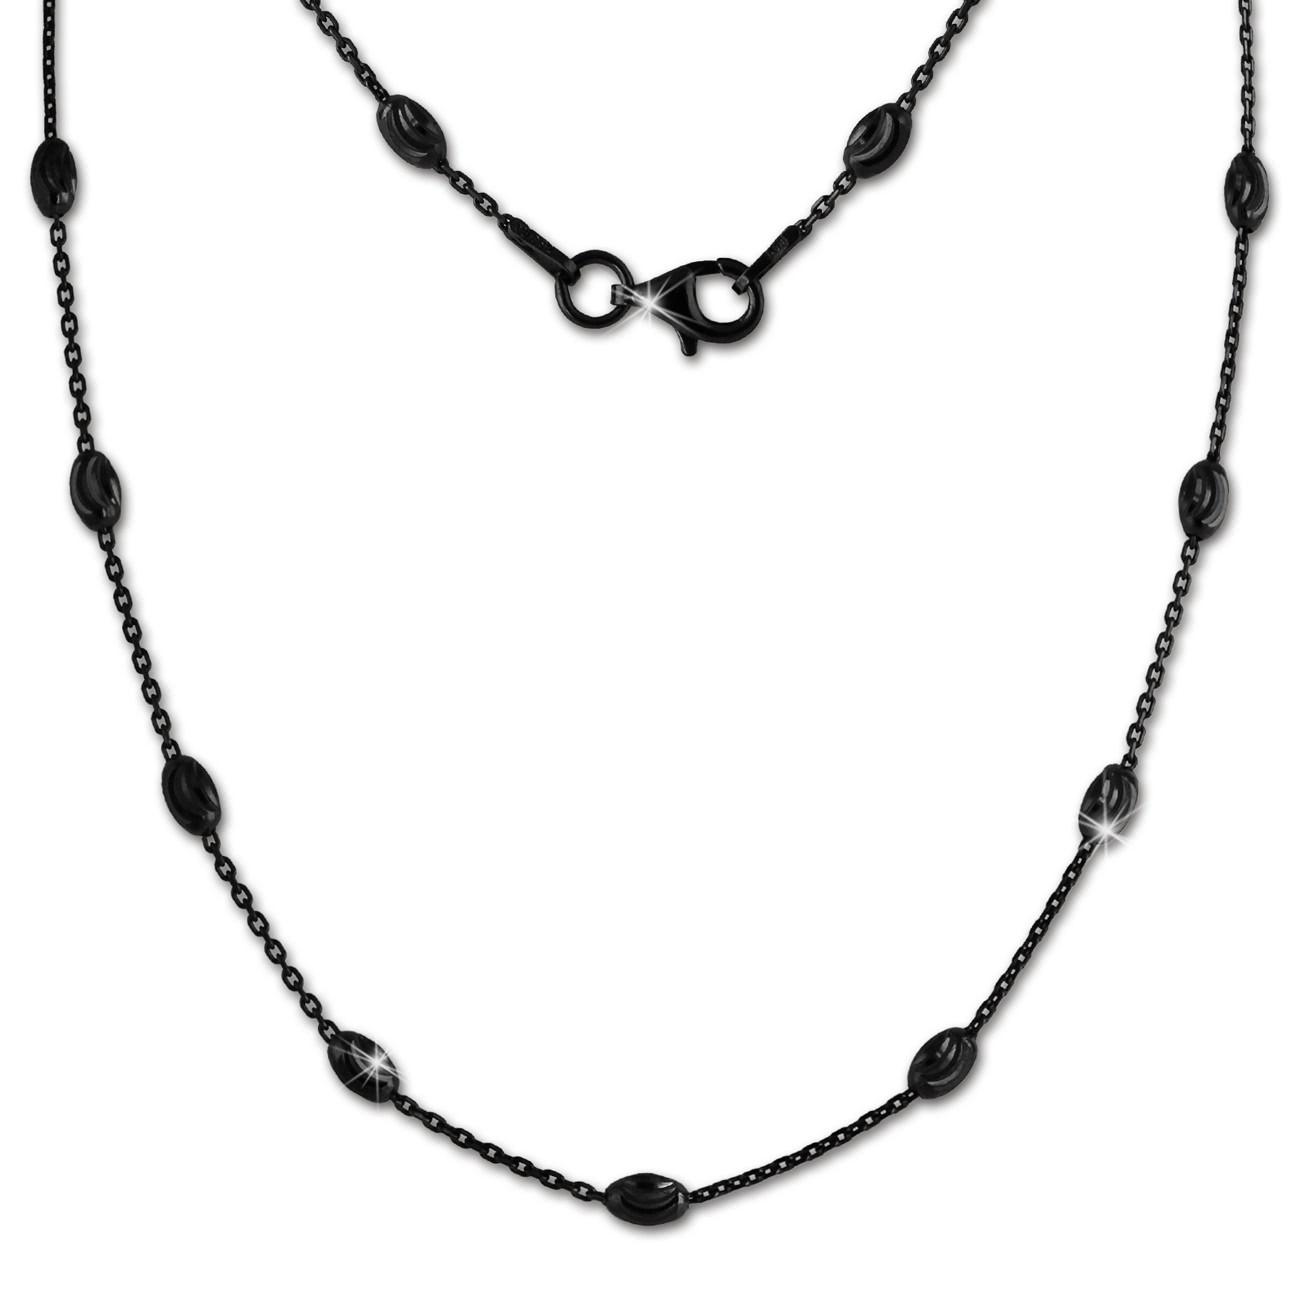 SilberDream Kette Glamour diamantiert 45cm schwarz 925 Silber Damen SDK26245S